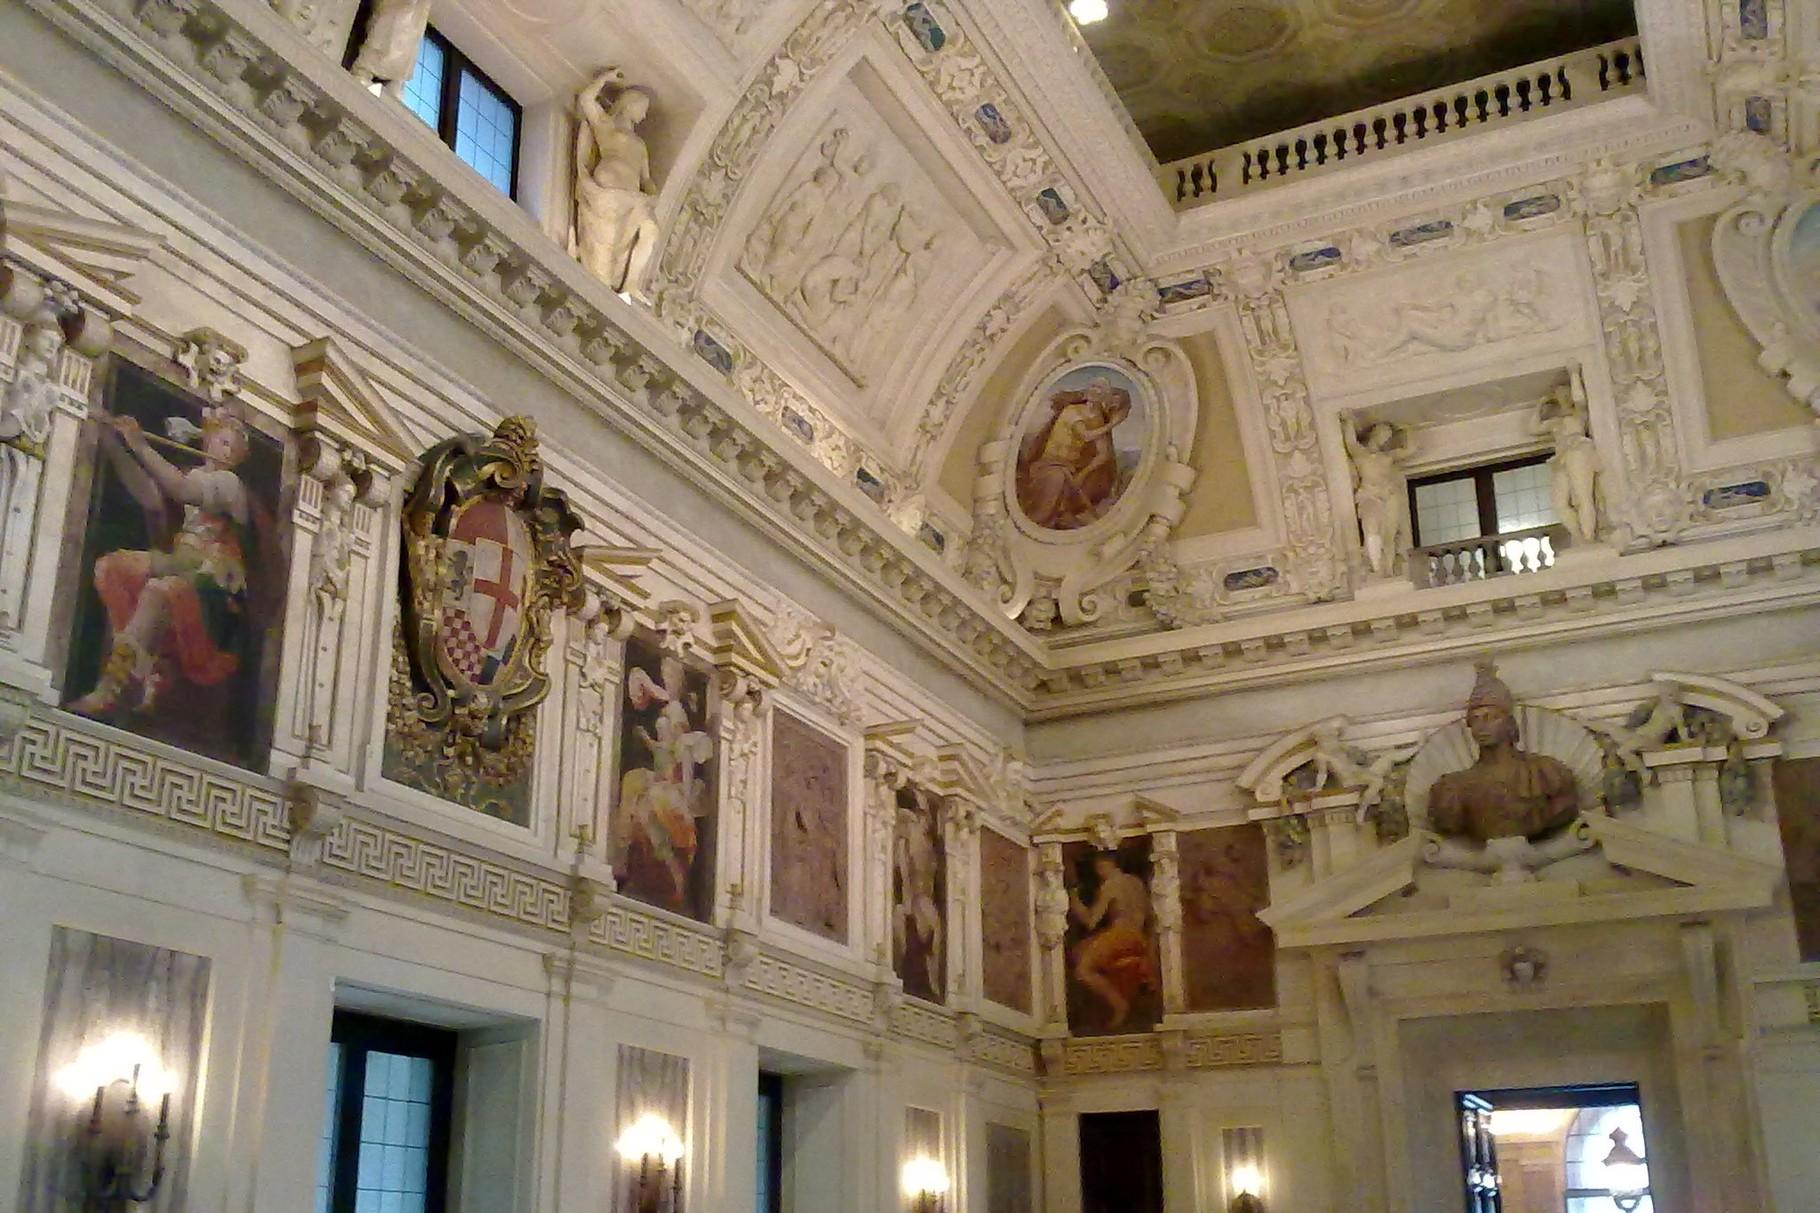 Palazzo marino milanoguida visite guidate a mostre e - Prossime mostre milano ...